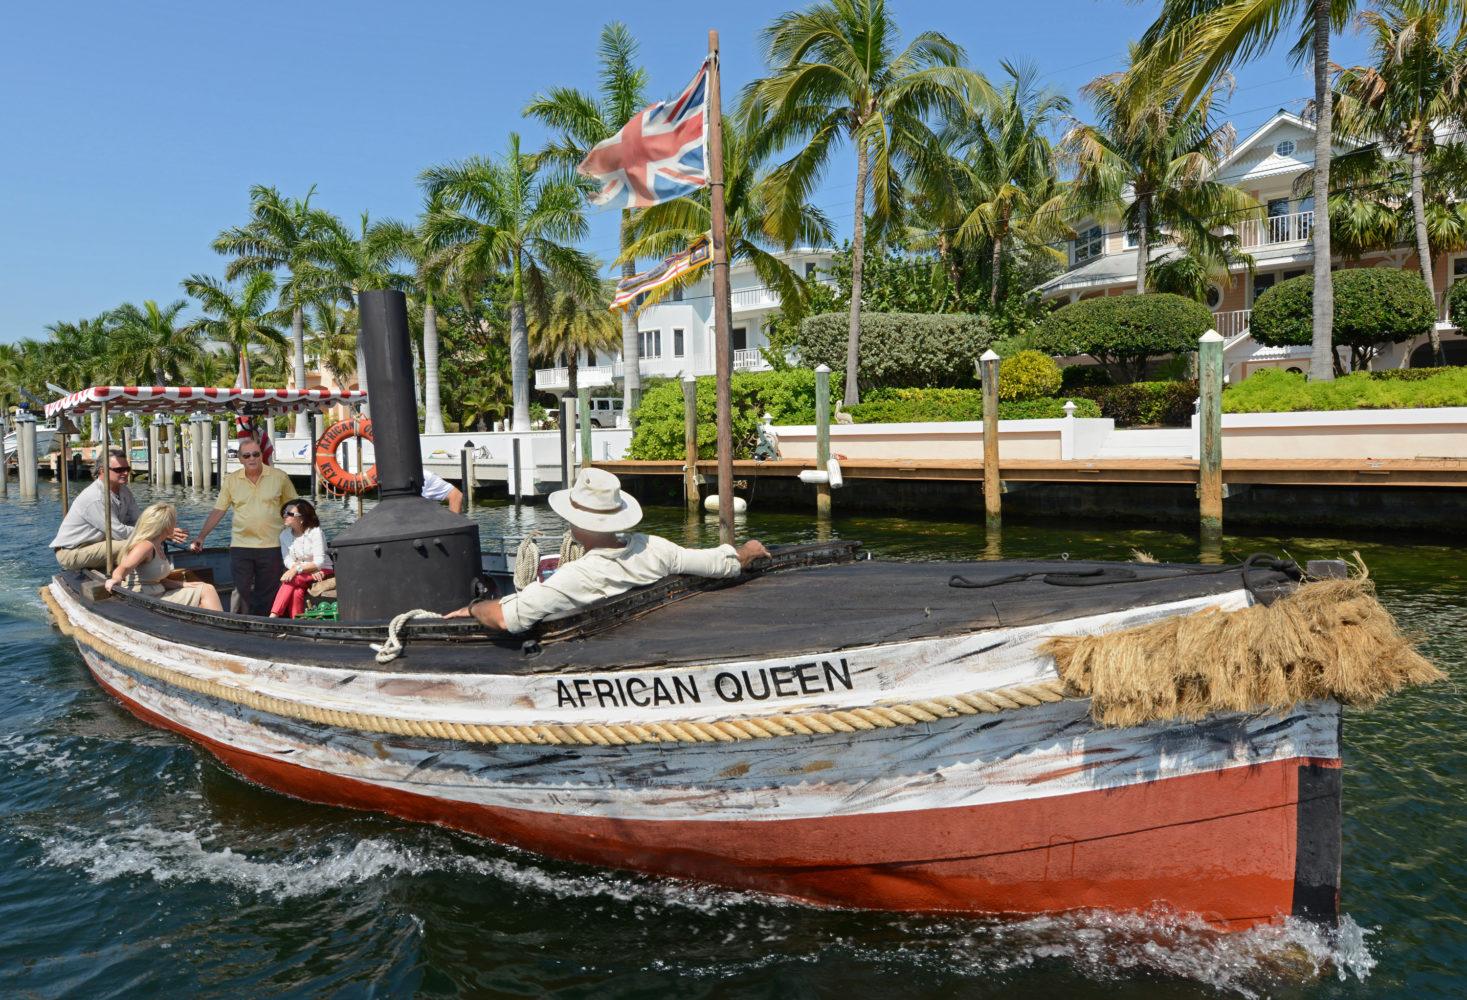 Die African Queen / Bild: Andy Newman Florida Keys News Bureau